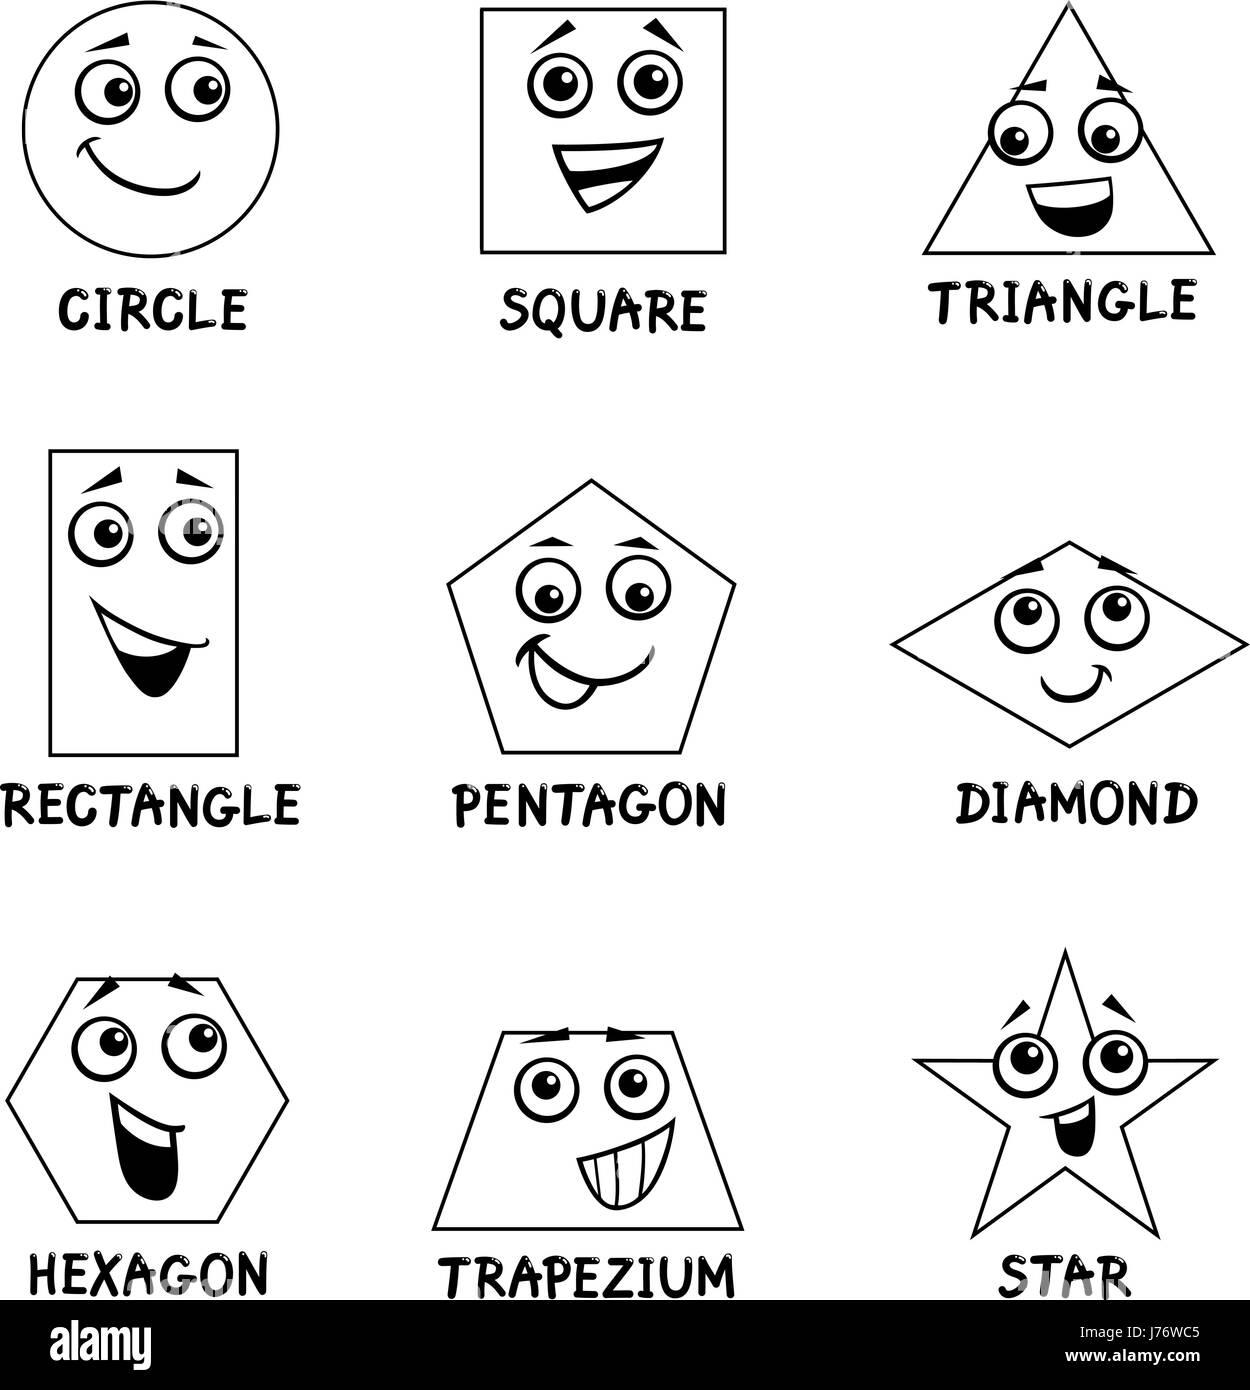 Black And White Cartoon Illustration Of Basic Geometric